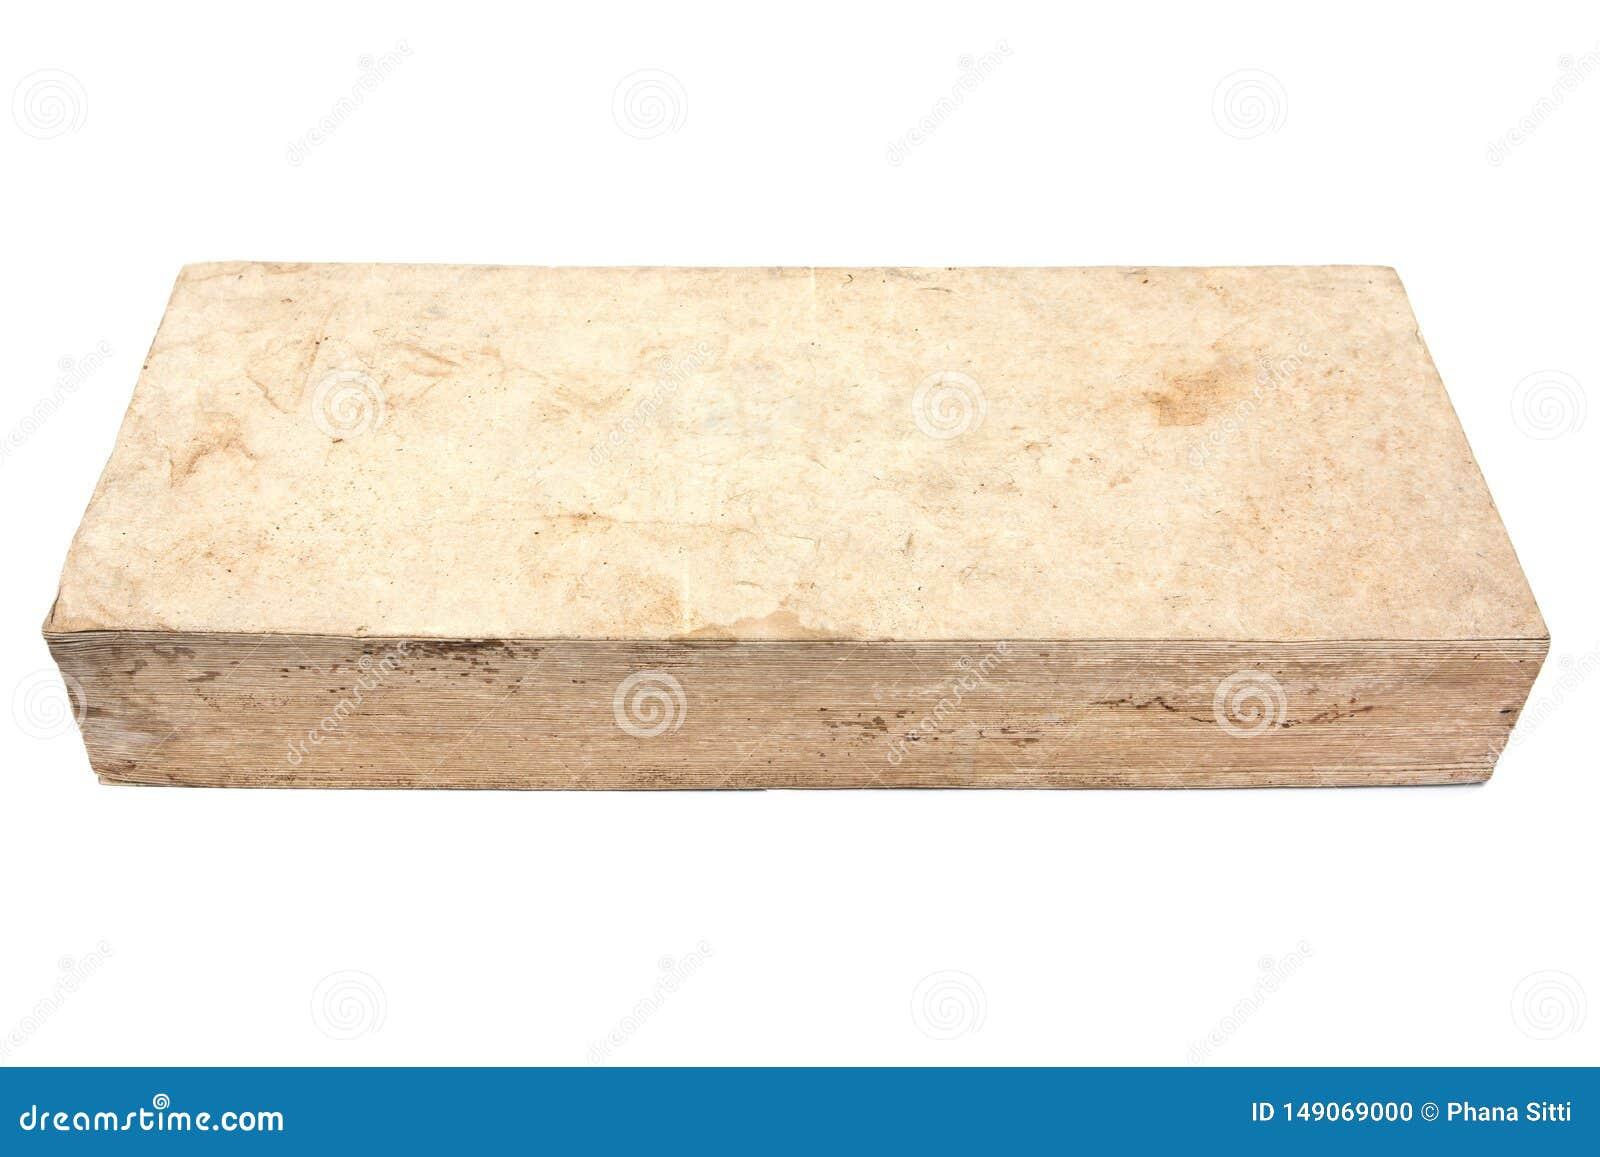 Natürliches altes Buch lokalisiert auf weißem Hintergrund